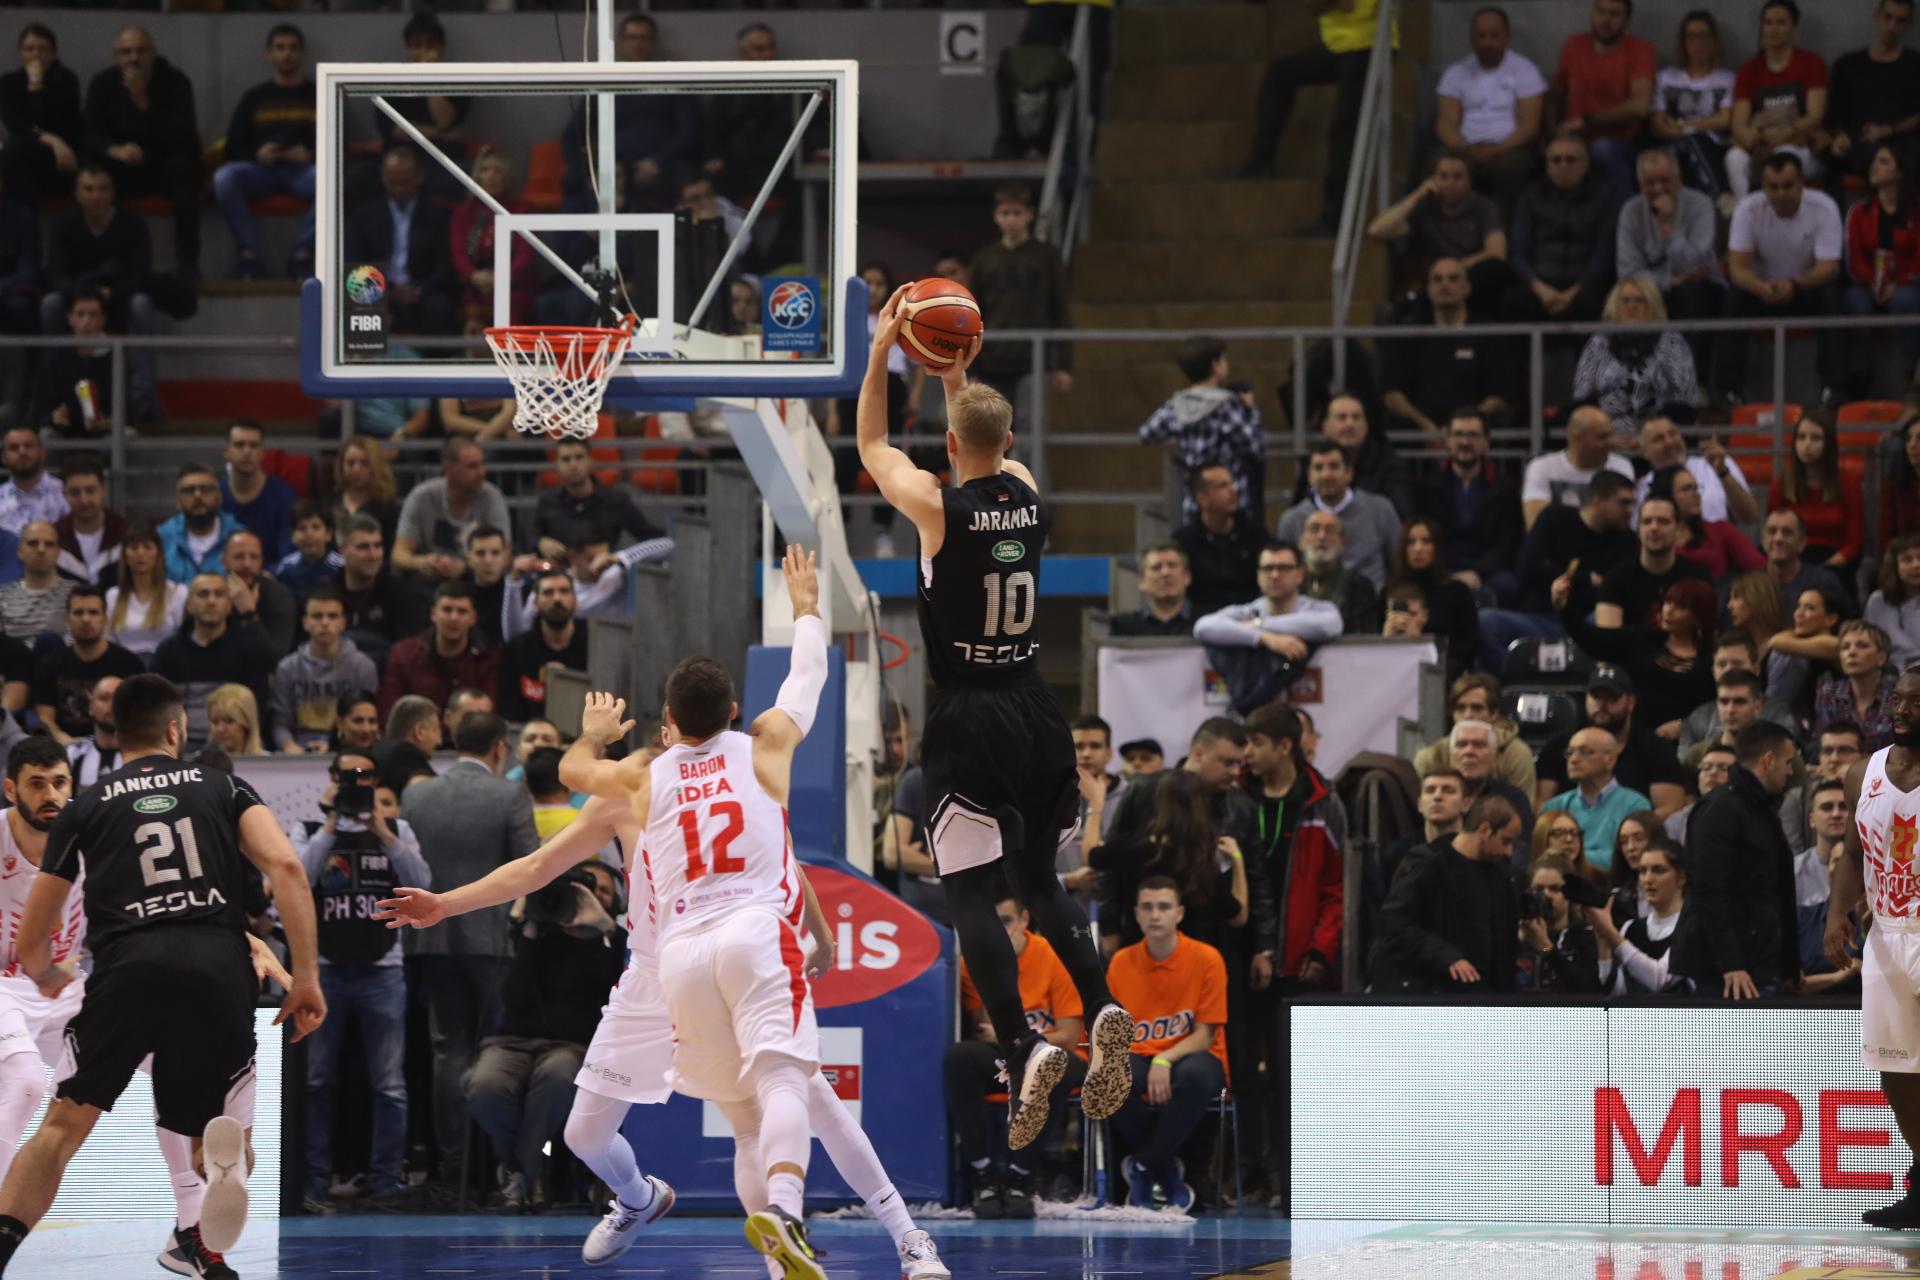 (UŽIVO) Velika borba u Nišu: Zvezda stigla Partizan